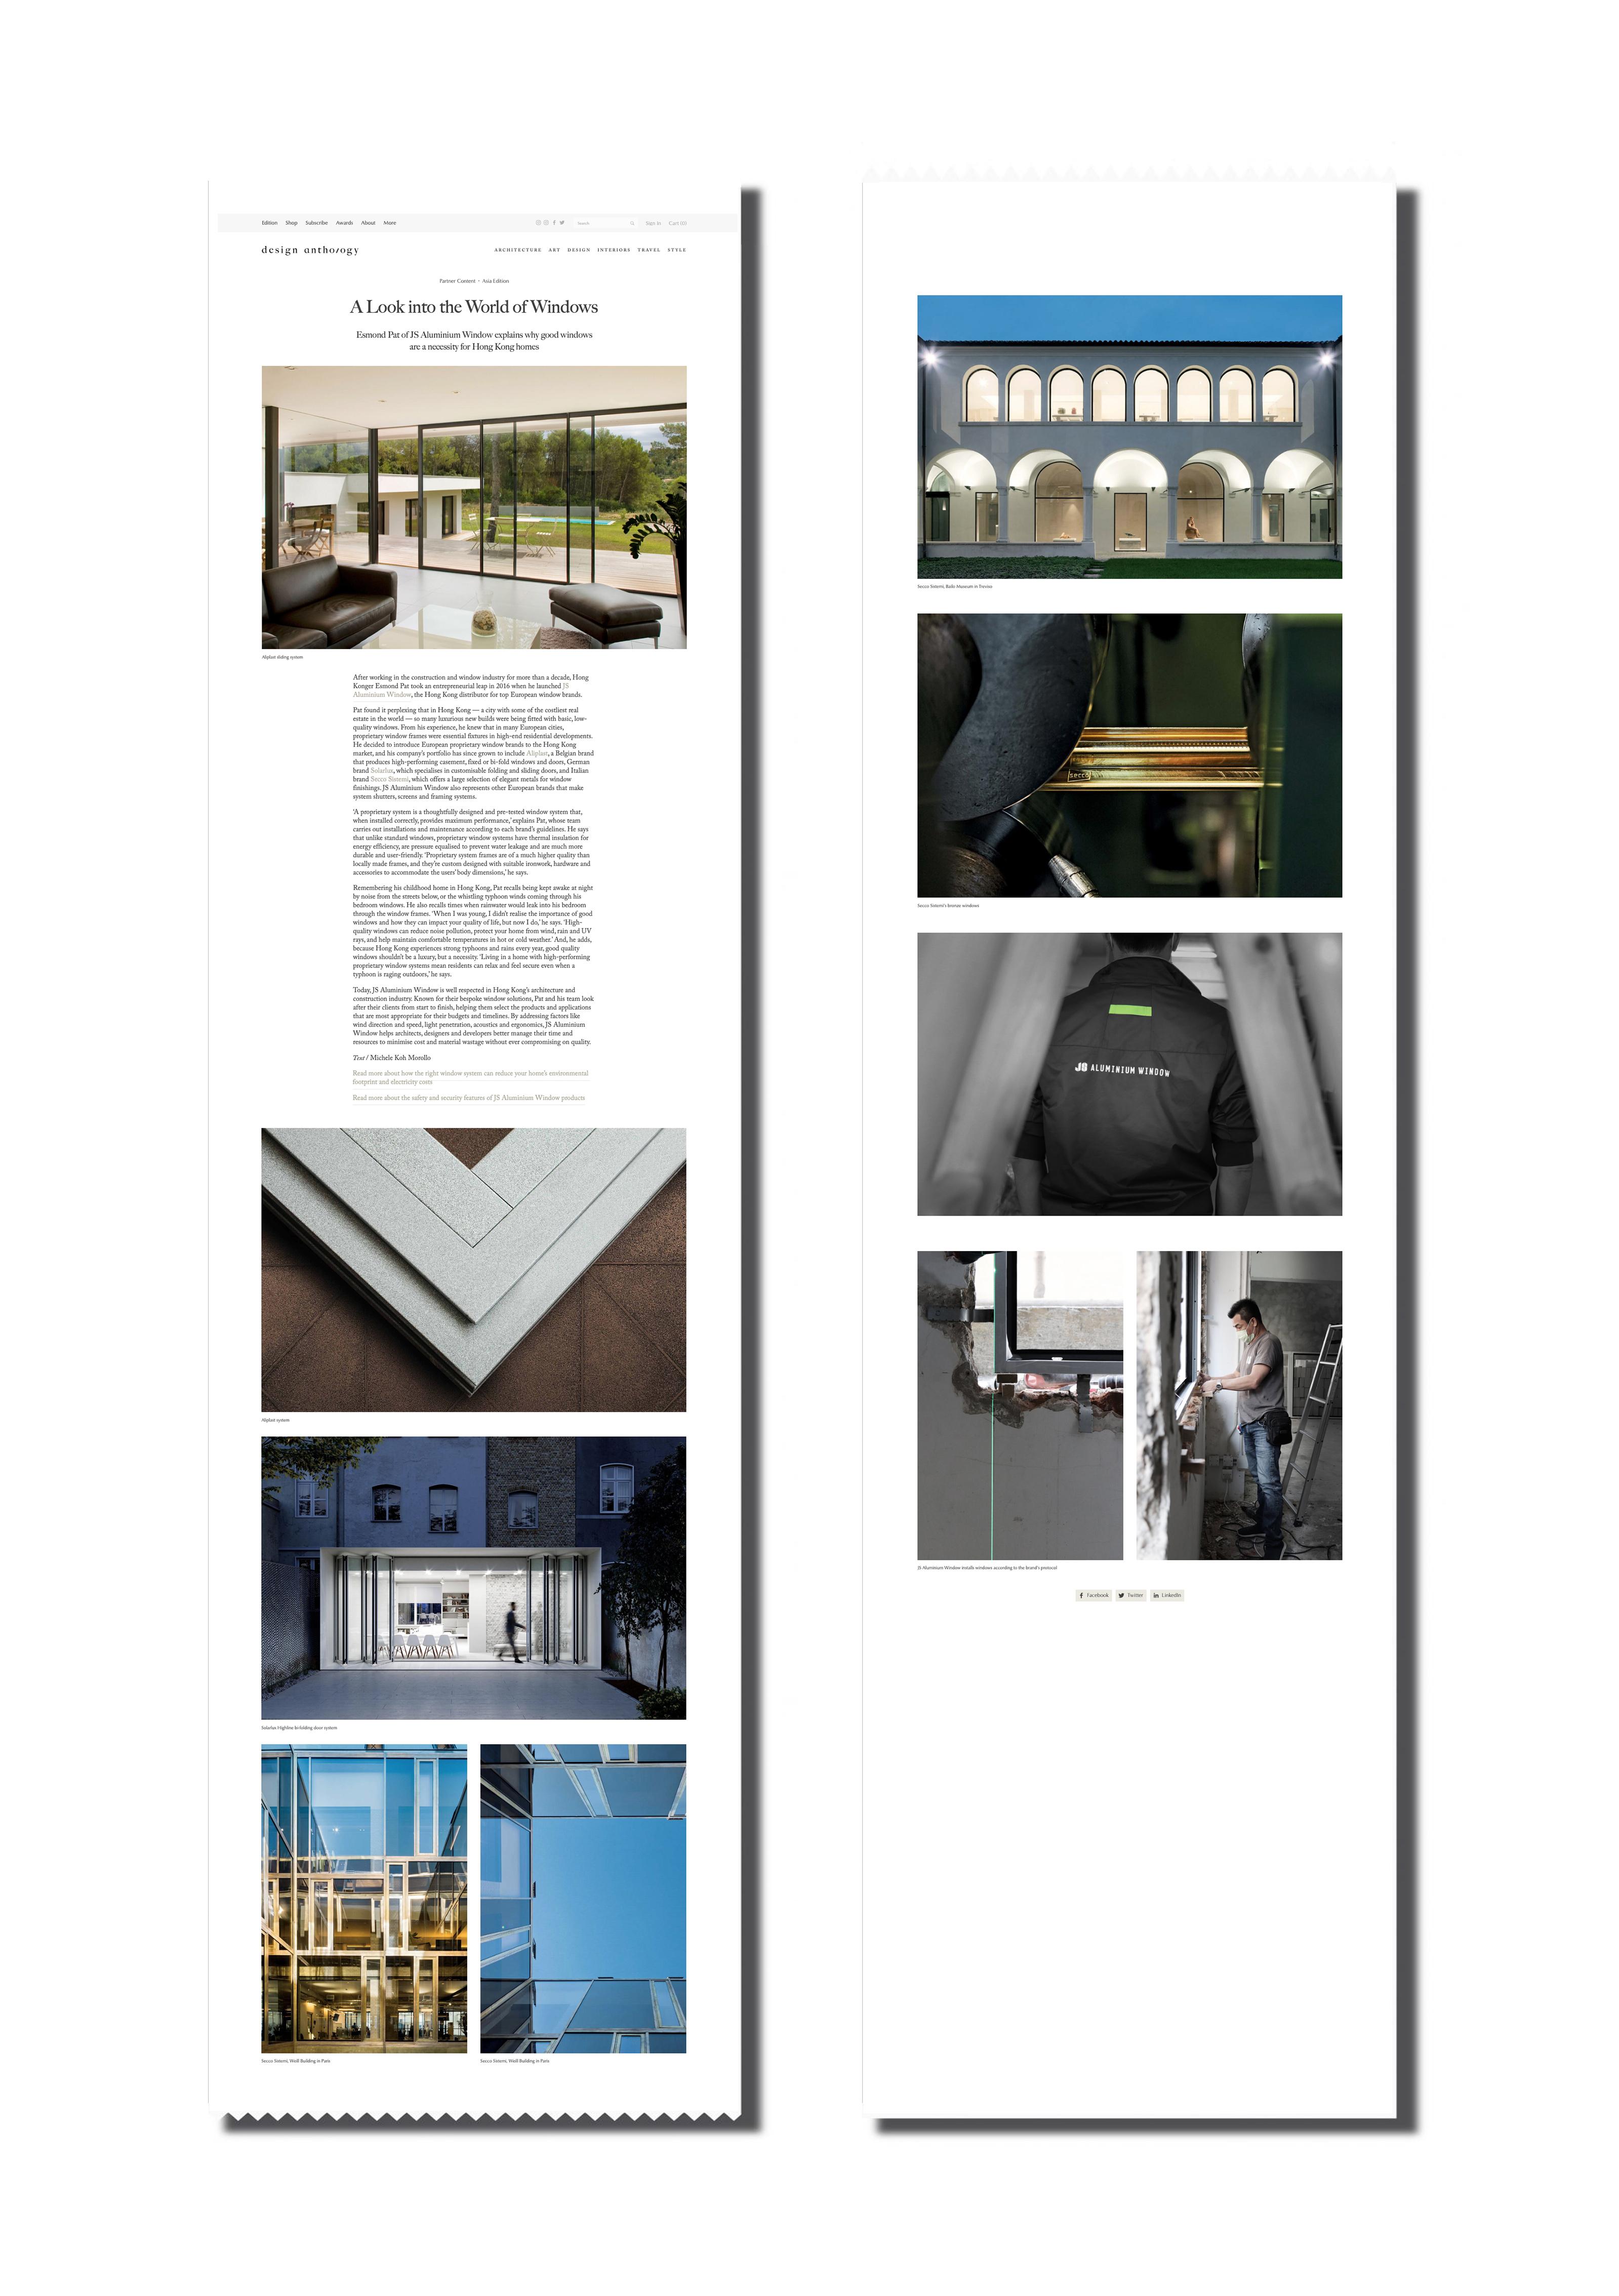 JS - Aluminium Windows in Hong Kong 高級歐洲鋁窗代理 -優質防風窗戶